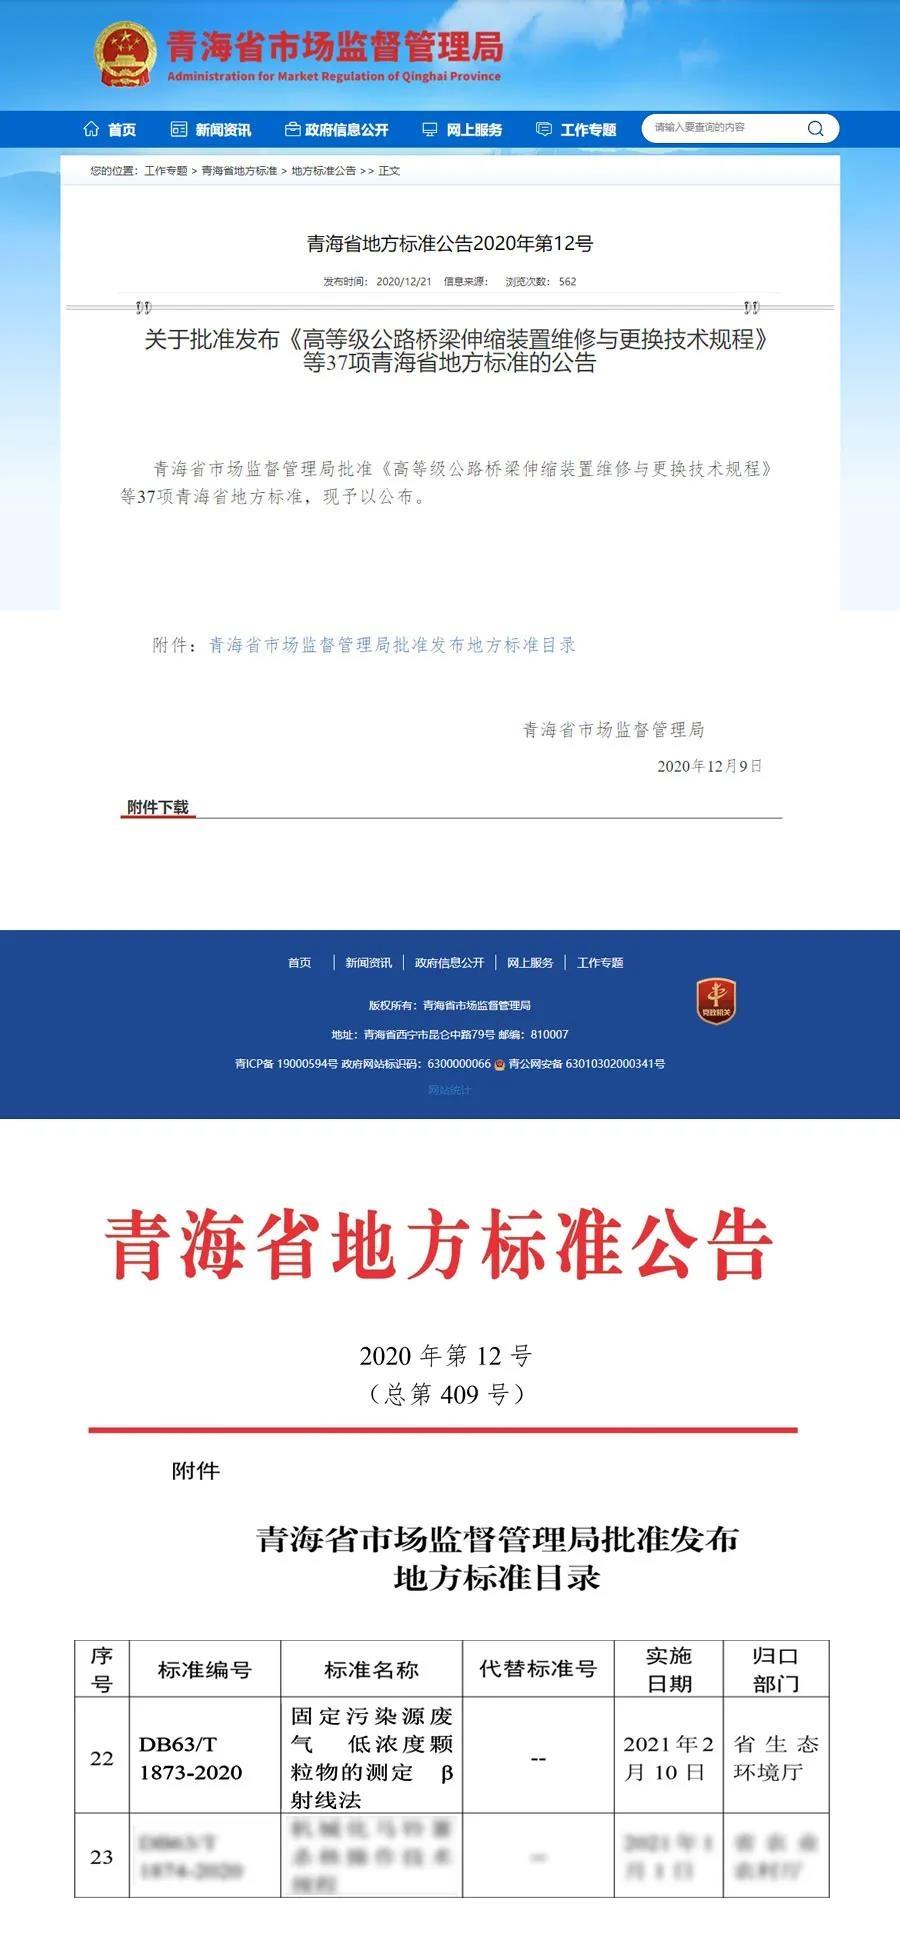 """明华参与起草的地标""""DB63/T 1873-2020""""正式发布啦!"""